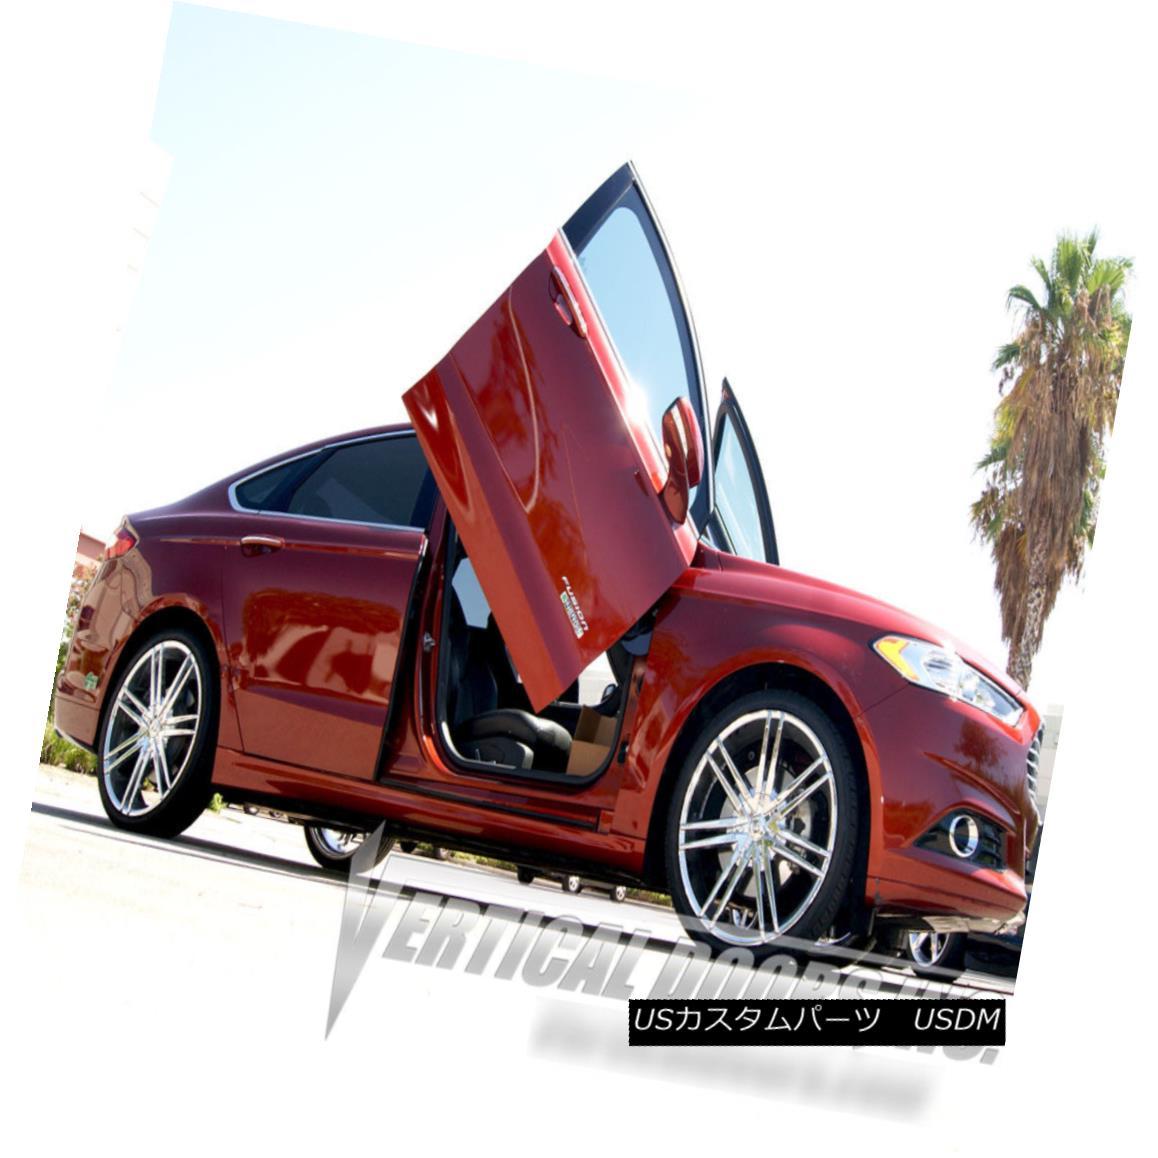 ガルウィングキット Vertical Doors Inc Bolt On Lambo Door Kits for Ford Fusion 2013-2015 フォードフュージョン2013-2015のためのランボルギーナドアのボルトの垂直ドアIncのボルト